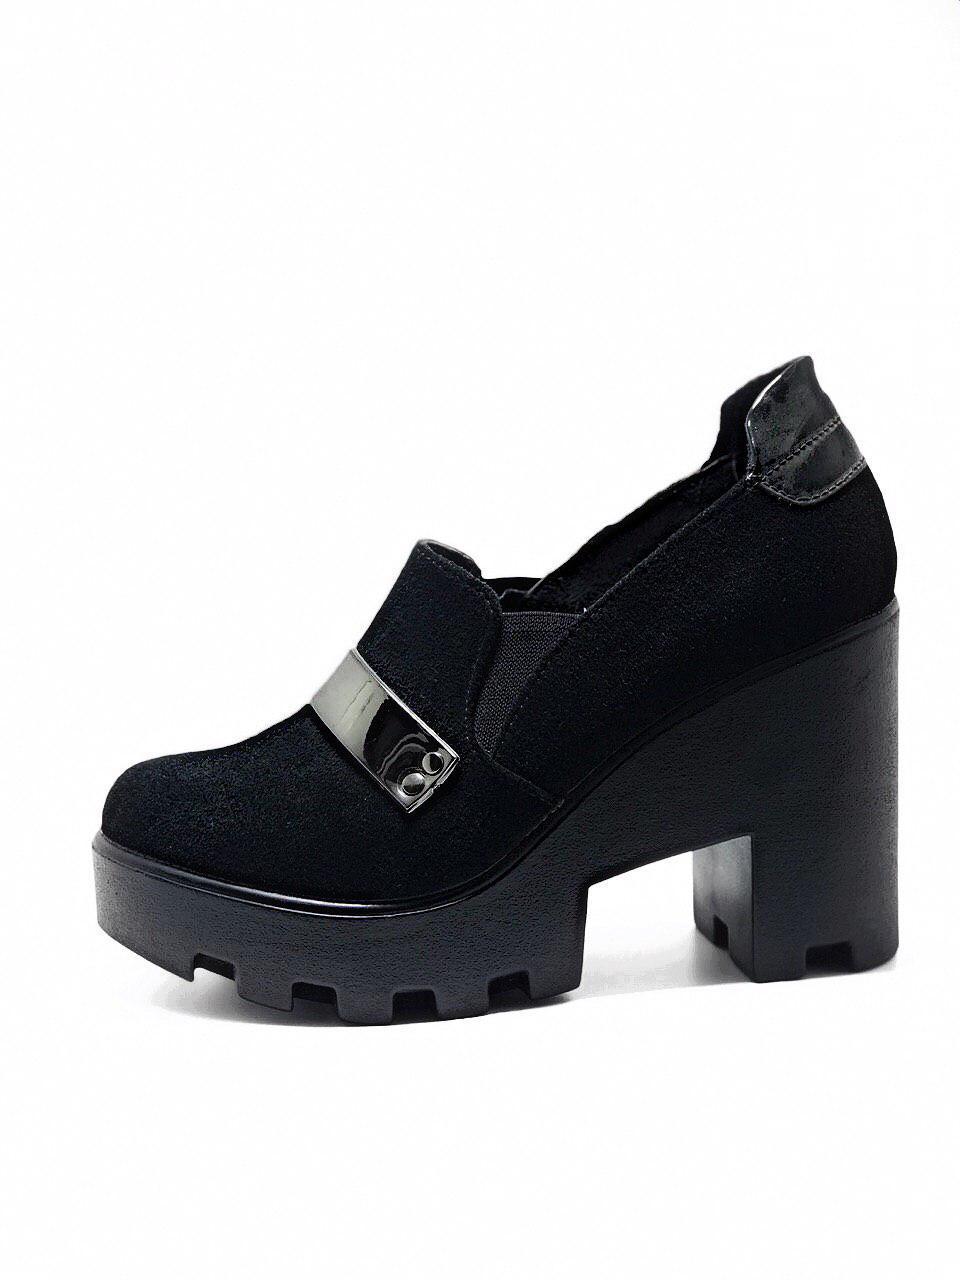 Ботинки женские черные на каблуке осень весна из натуральной замши